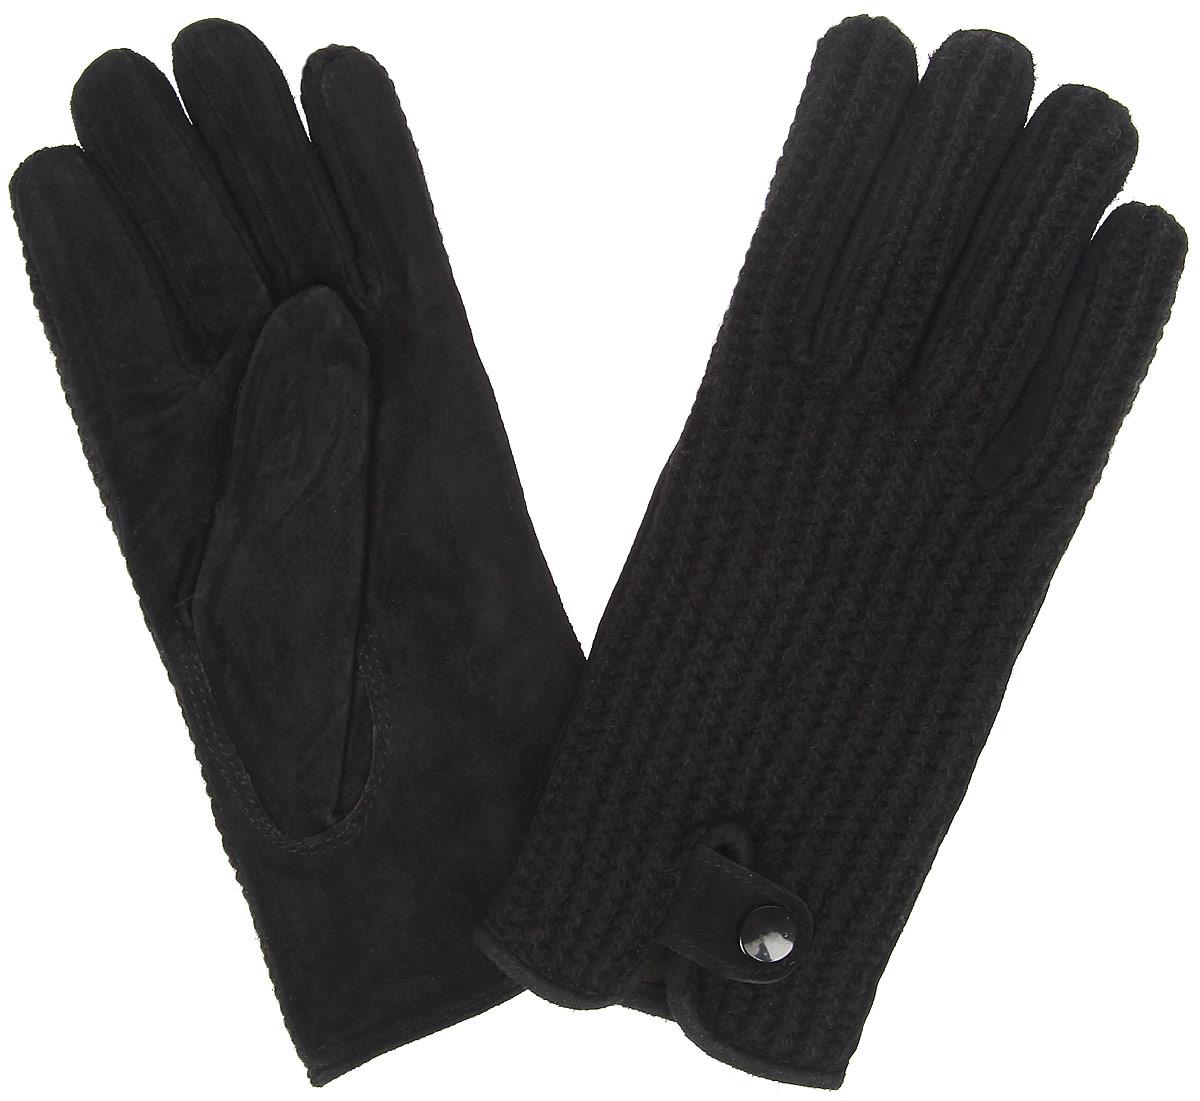 ПерчаткиXAL 05 PUЭлегантные женские перчатки Modo станут великолепным дополнением вашего образа и защитят ваши руки от холода и ветра во время прогулок. Перчатки выполнены из натурального велюра и имеют подкладку из флиса, что позволяет им надежно сохранять тепло и обеспечивает высокую гигроскопичность. Модель дополнена хлястиком с кнопкой на запястье и оформлена вязаными вставками. Такие перчатки будут оригинальным завершающим штрихом в создании современного модного образа, они подчеркнут ваш изысканный вкус и станут незаменимым и практичным аксессуаром.